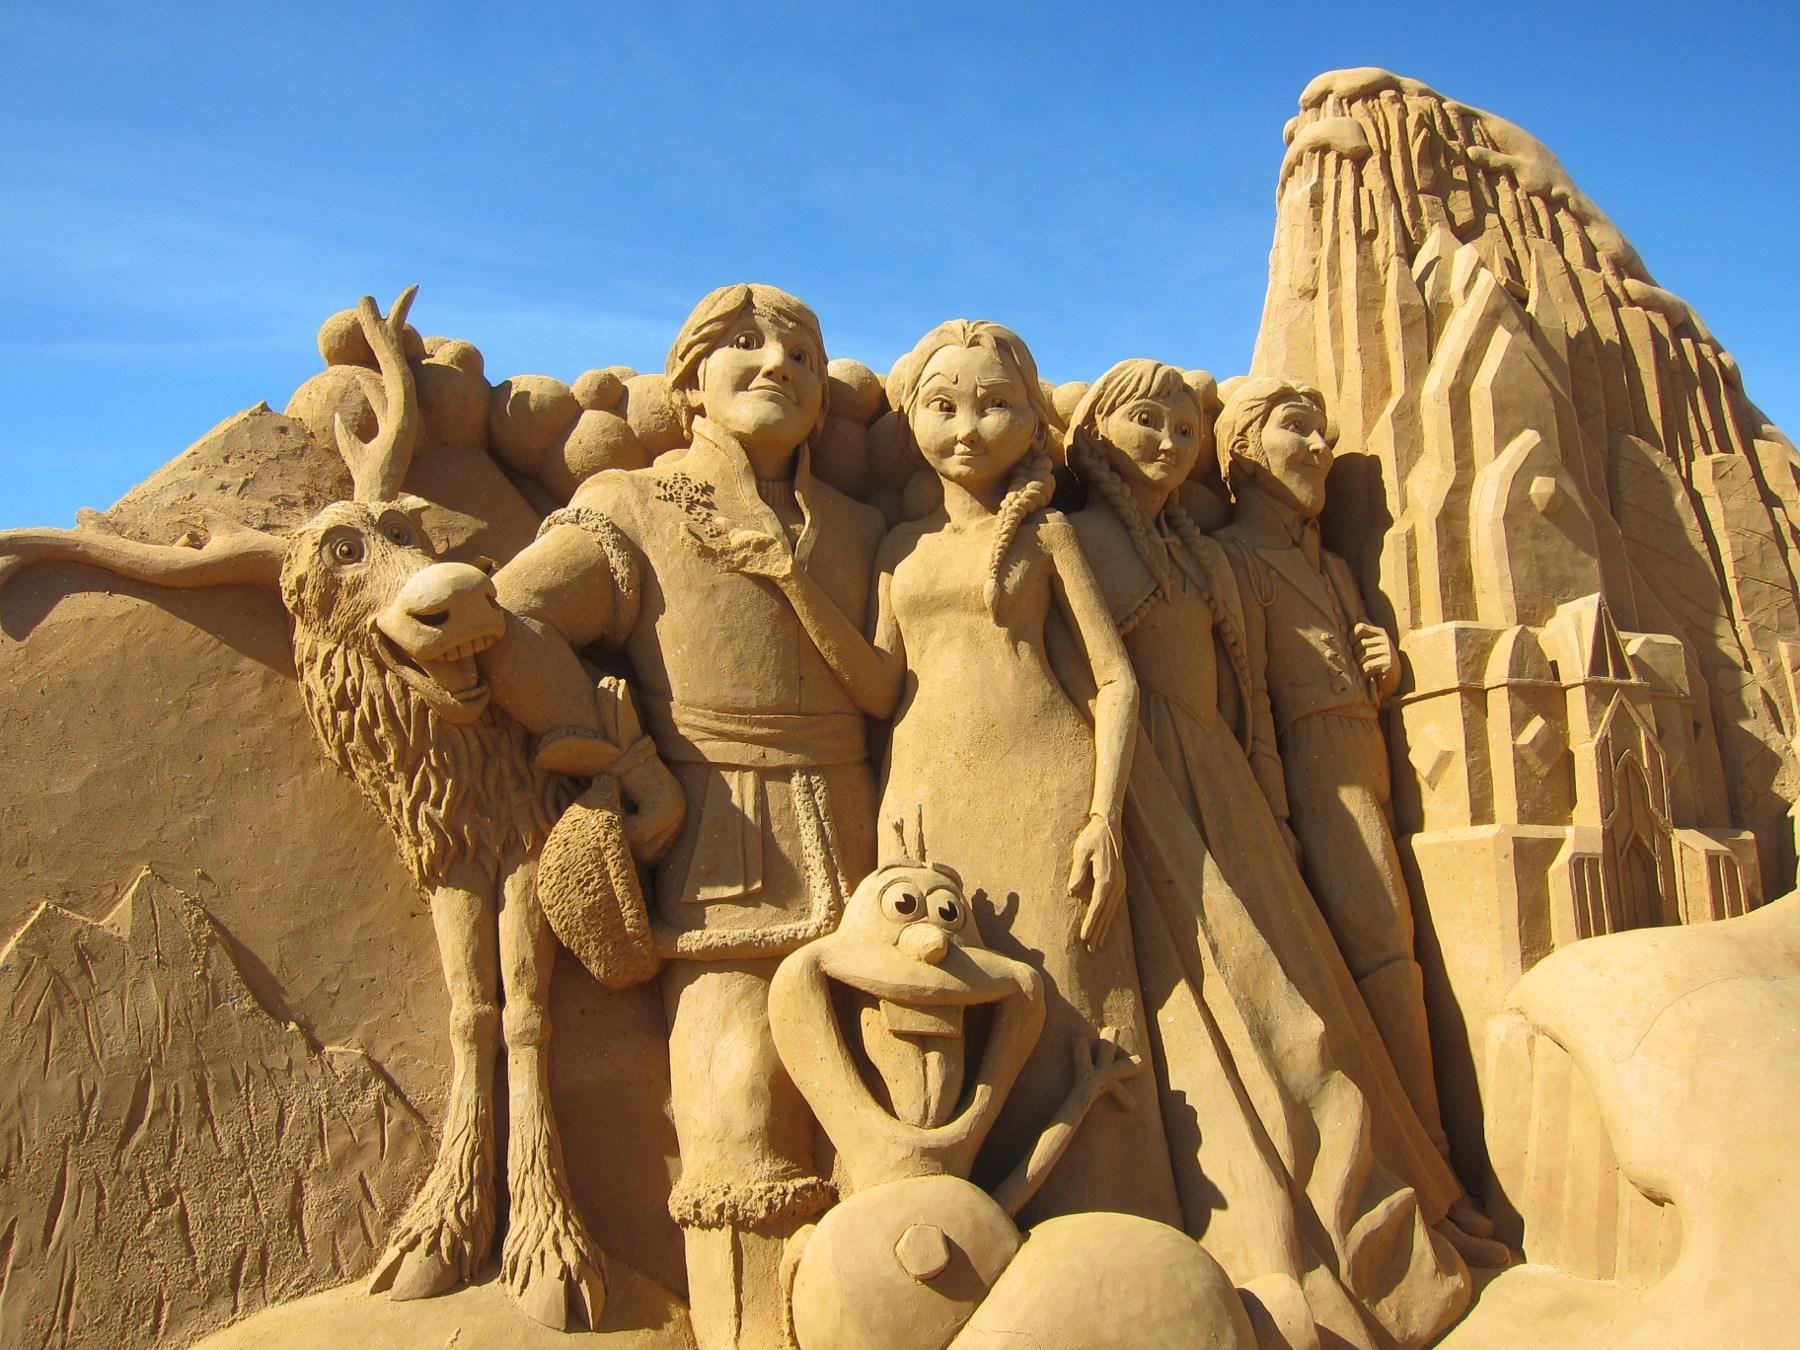 die-Personen-von-Frozen-gemacht-aus-Sand